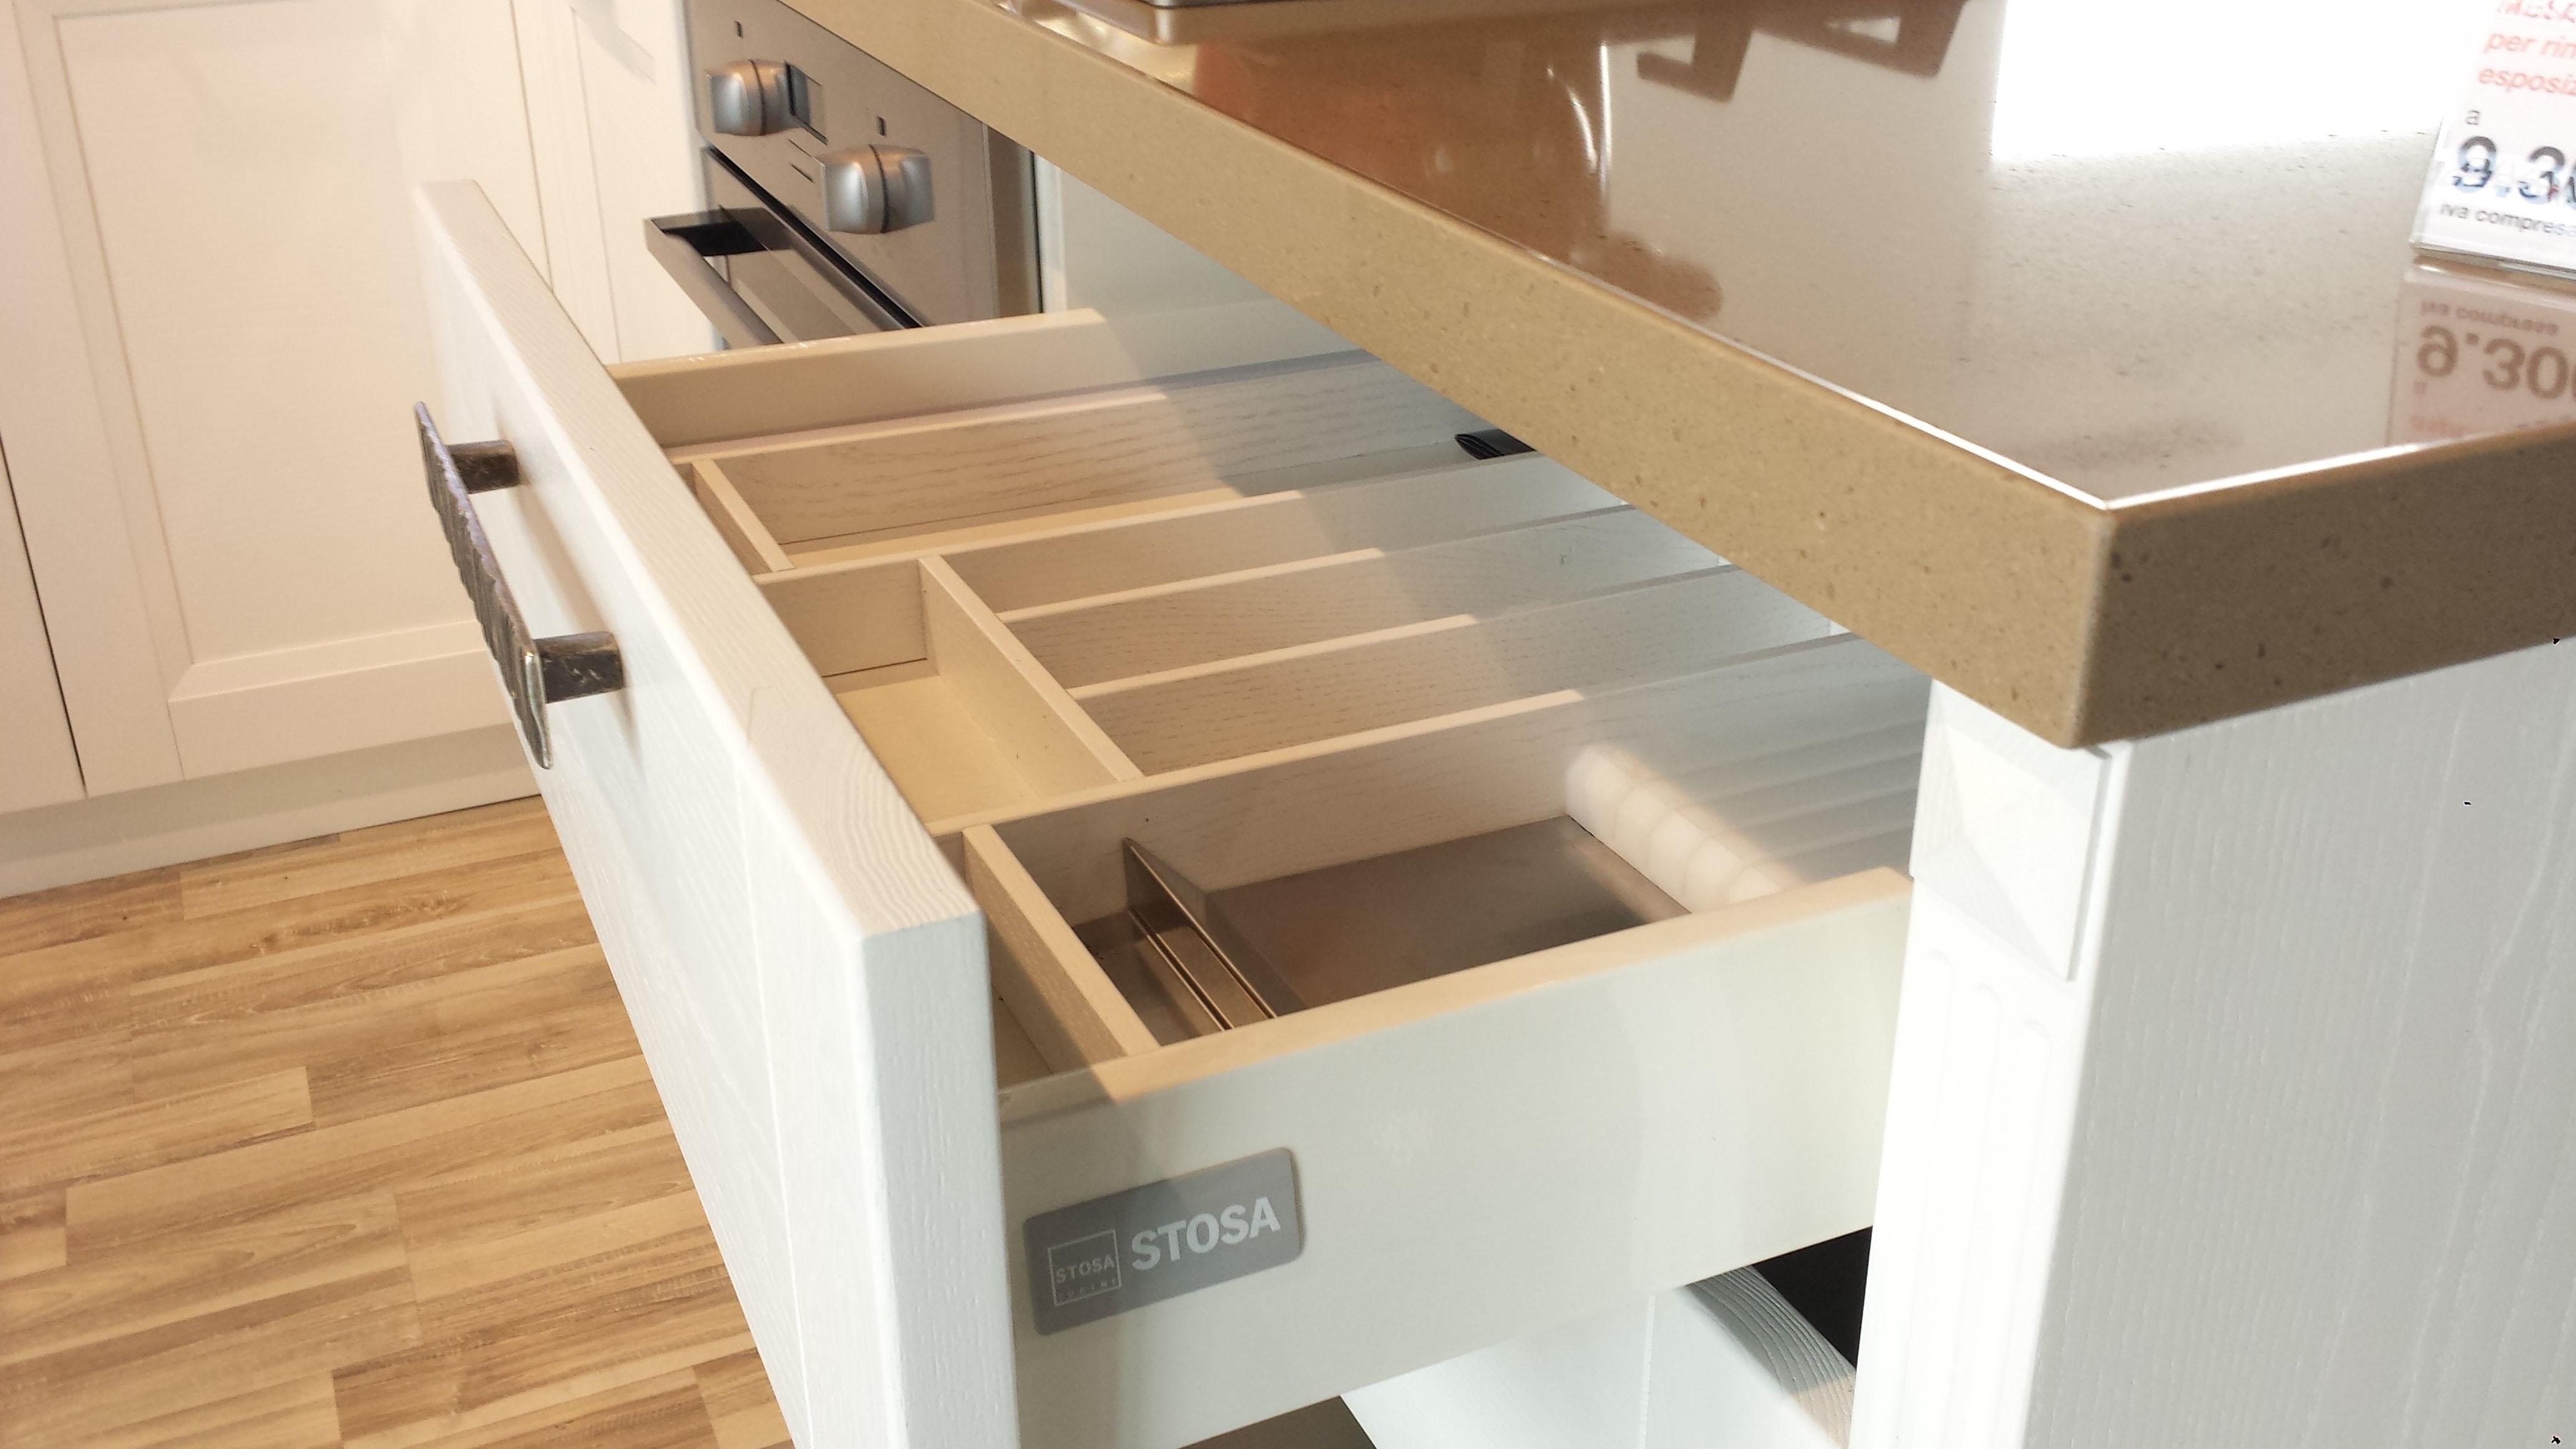 Misure mobile angolare cucina : dimensioni mobile angolare cucina ...